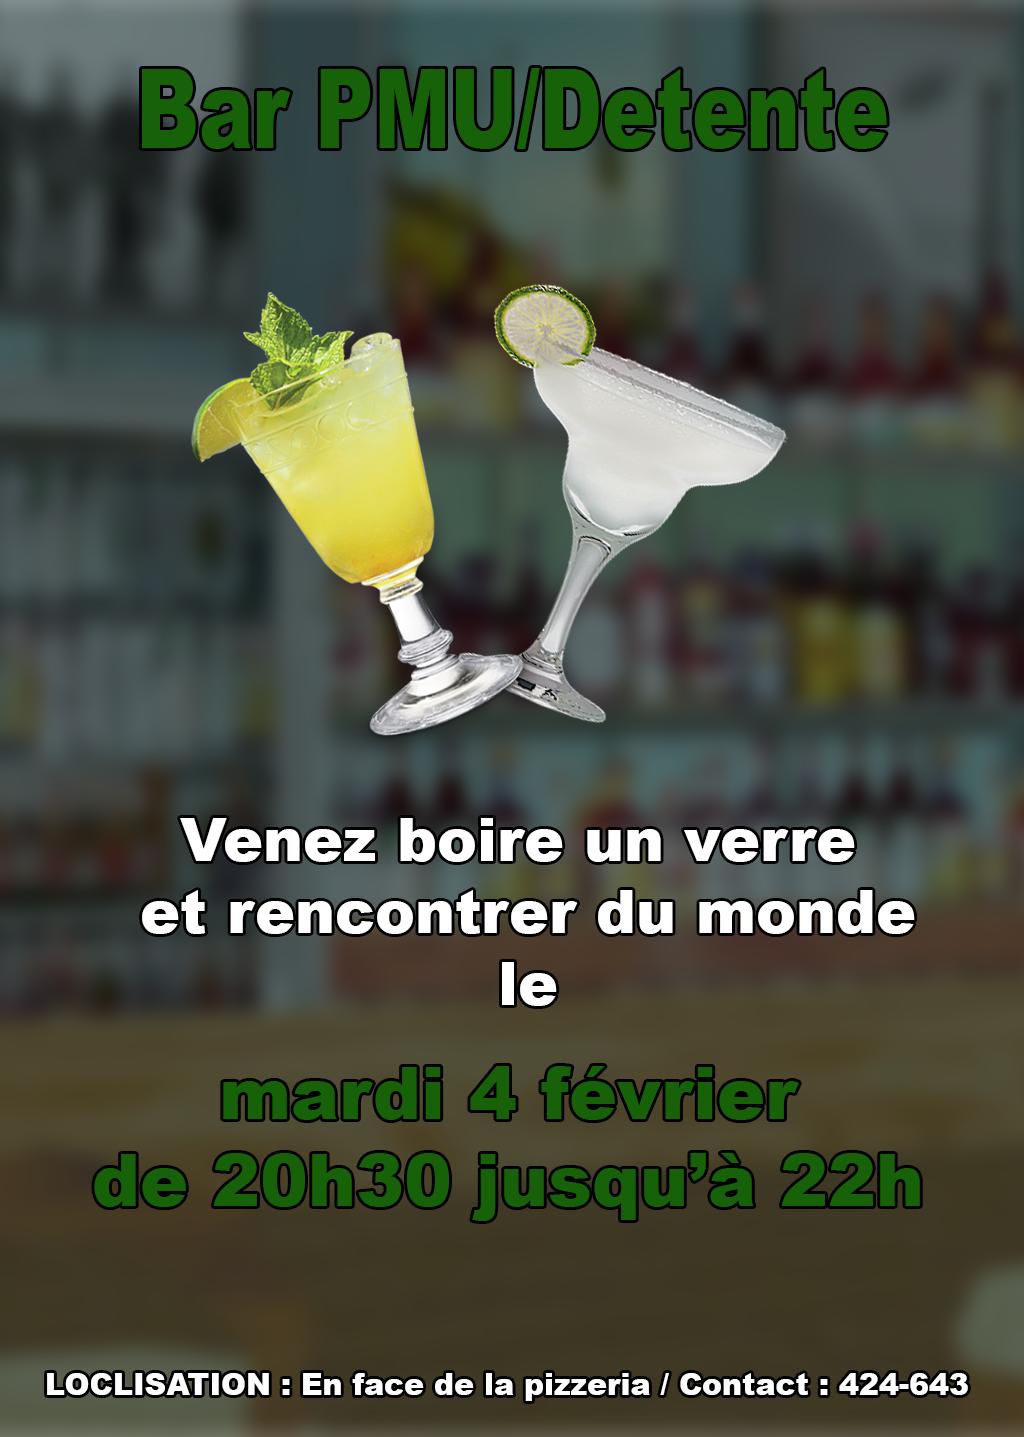 (EVENT IC) [Bar PMU / Detente] 04/02 - 20h30 Affiche_bar_pmu2